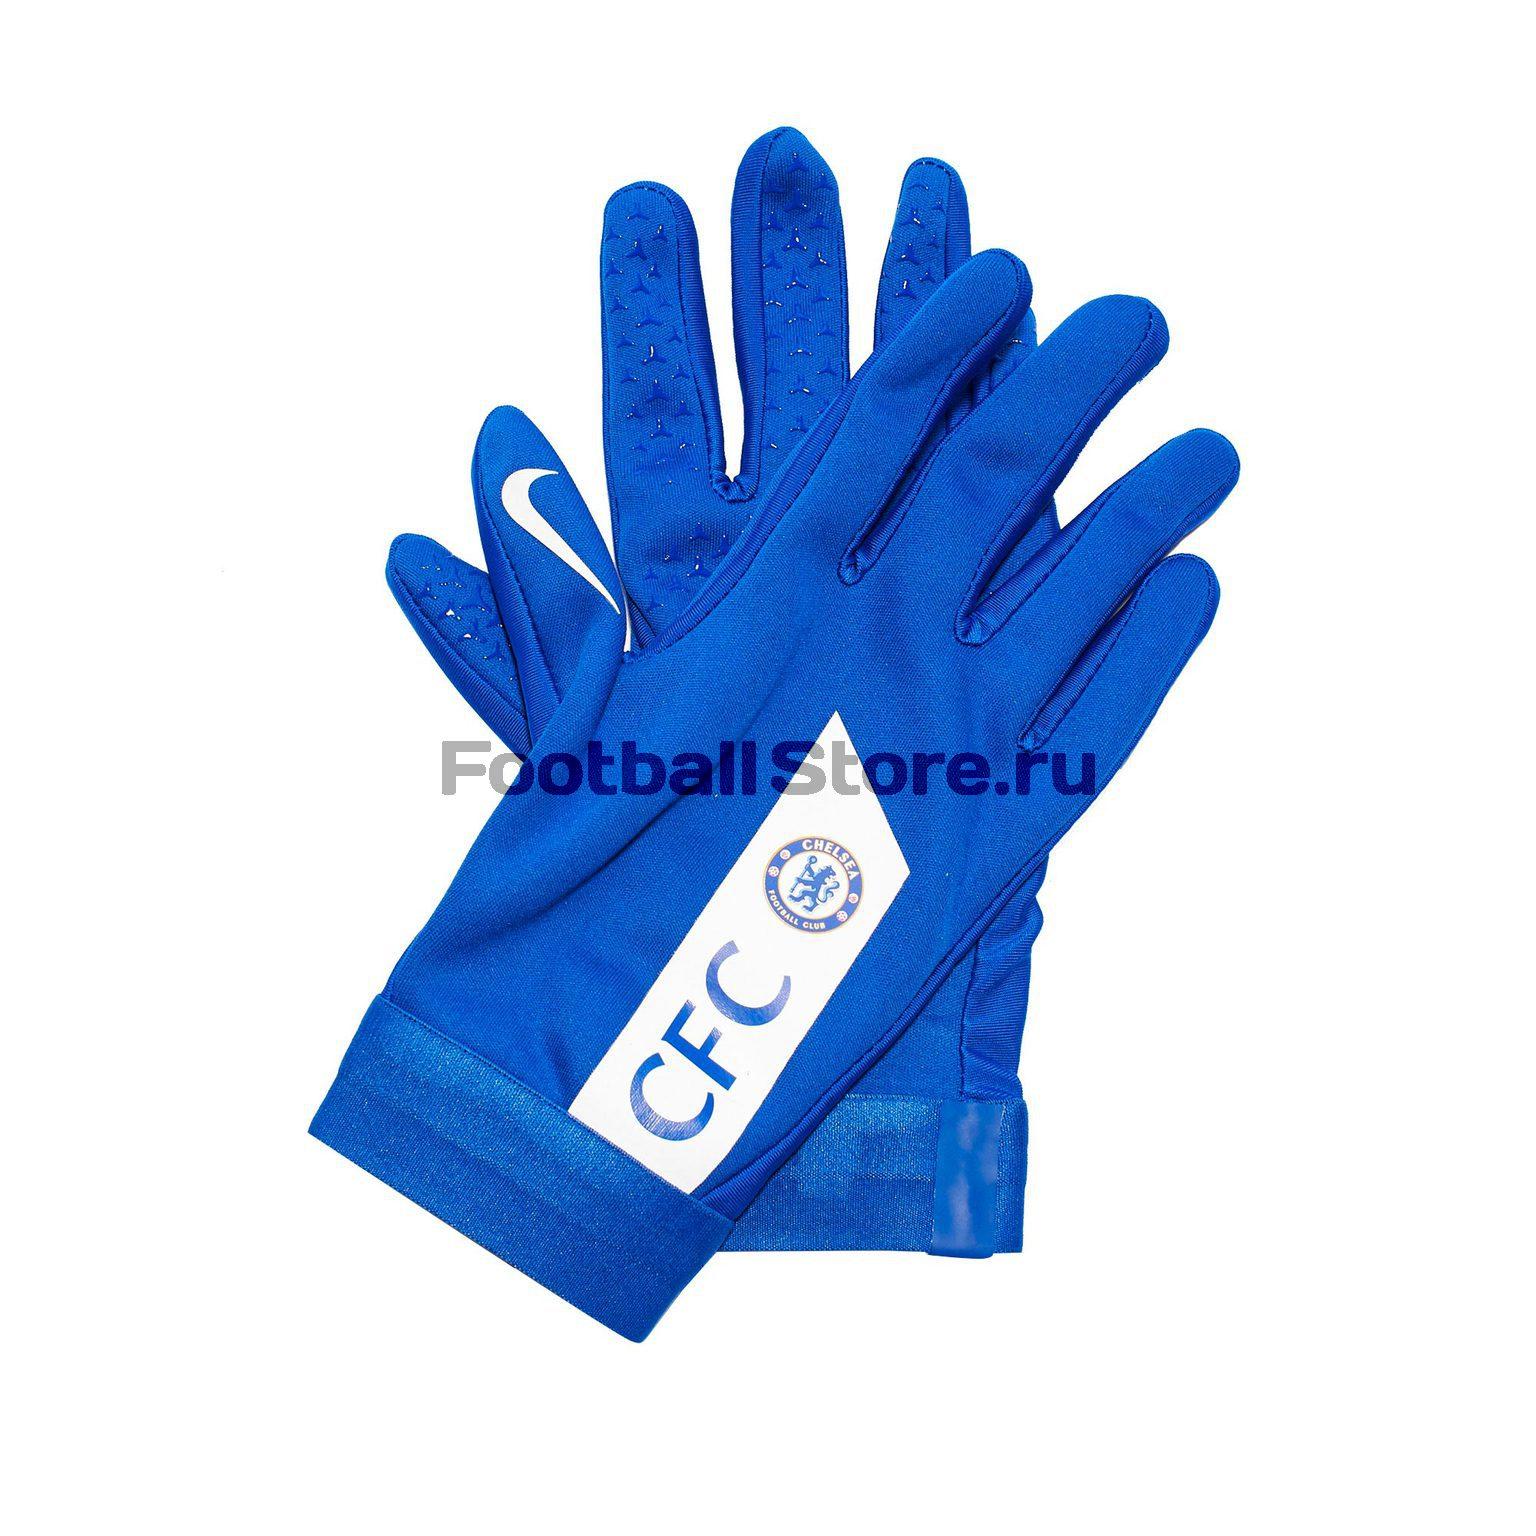 Перчатки тренировочные Nike Chelsea Academy Hyperwarm GS0381-495 atalanta genoa cfc